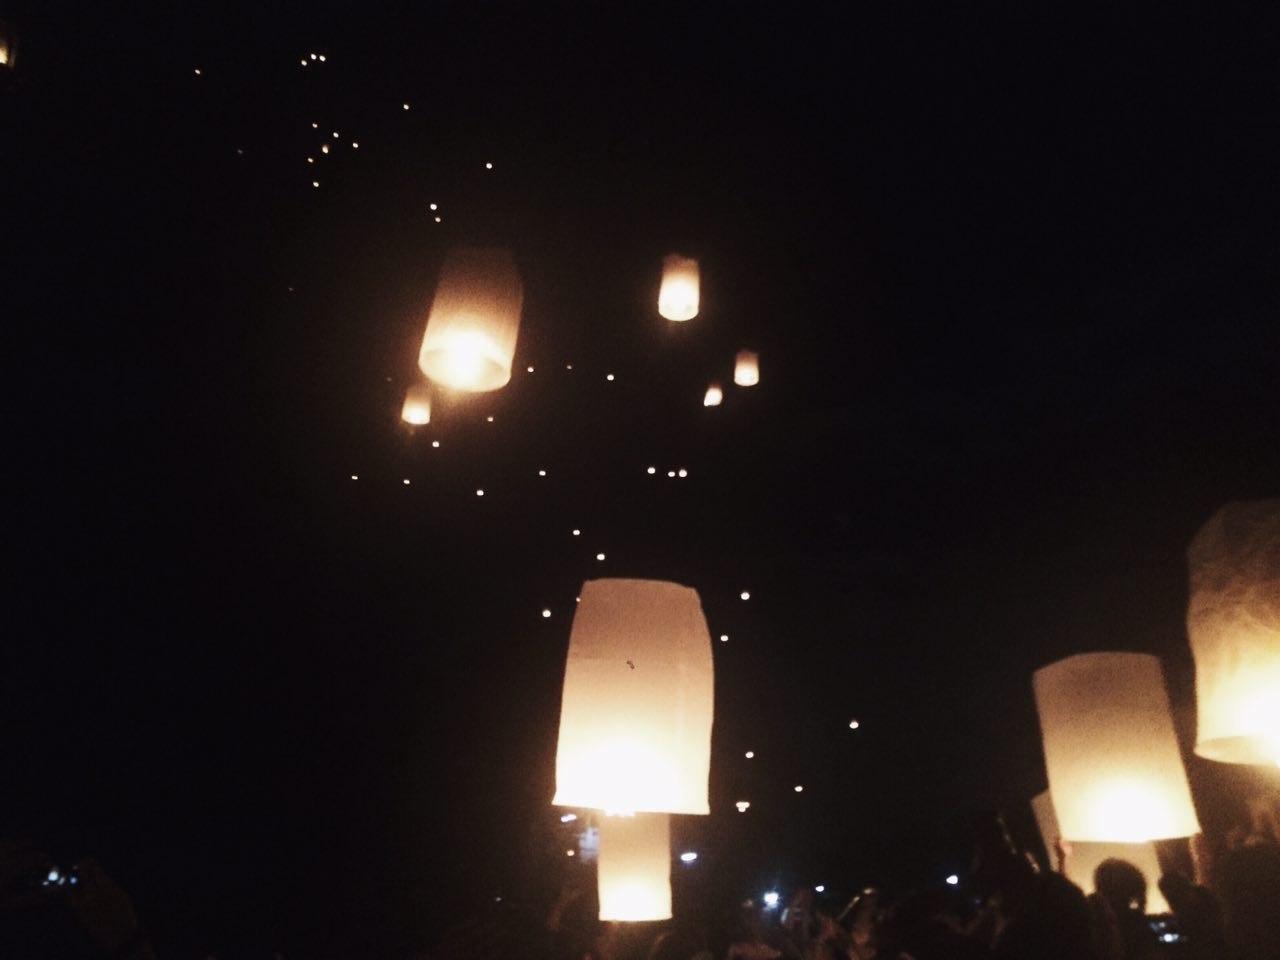 tase-elle-shining-lights-7.jpg